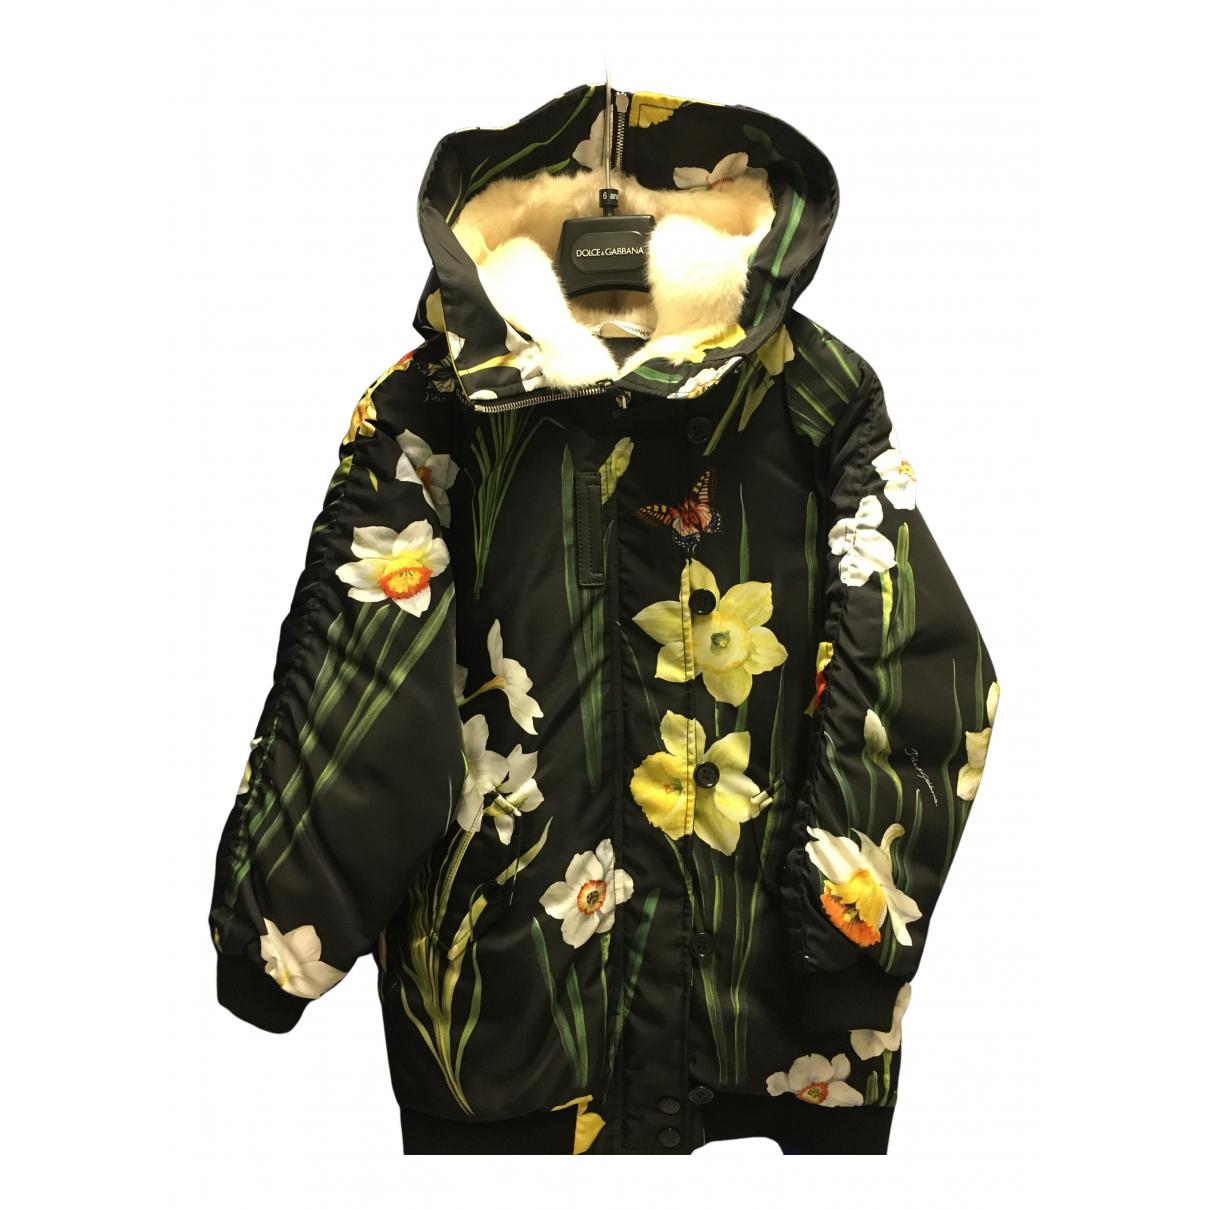 Dolce & Gabbana - Blousons.Manteaux   pour enfant - noir